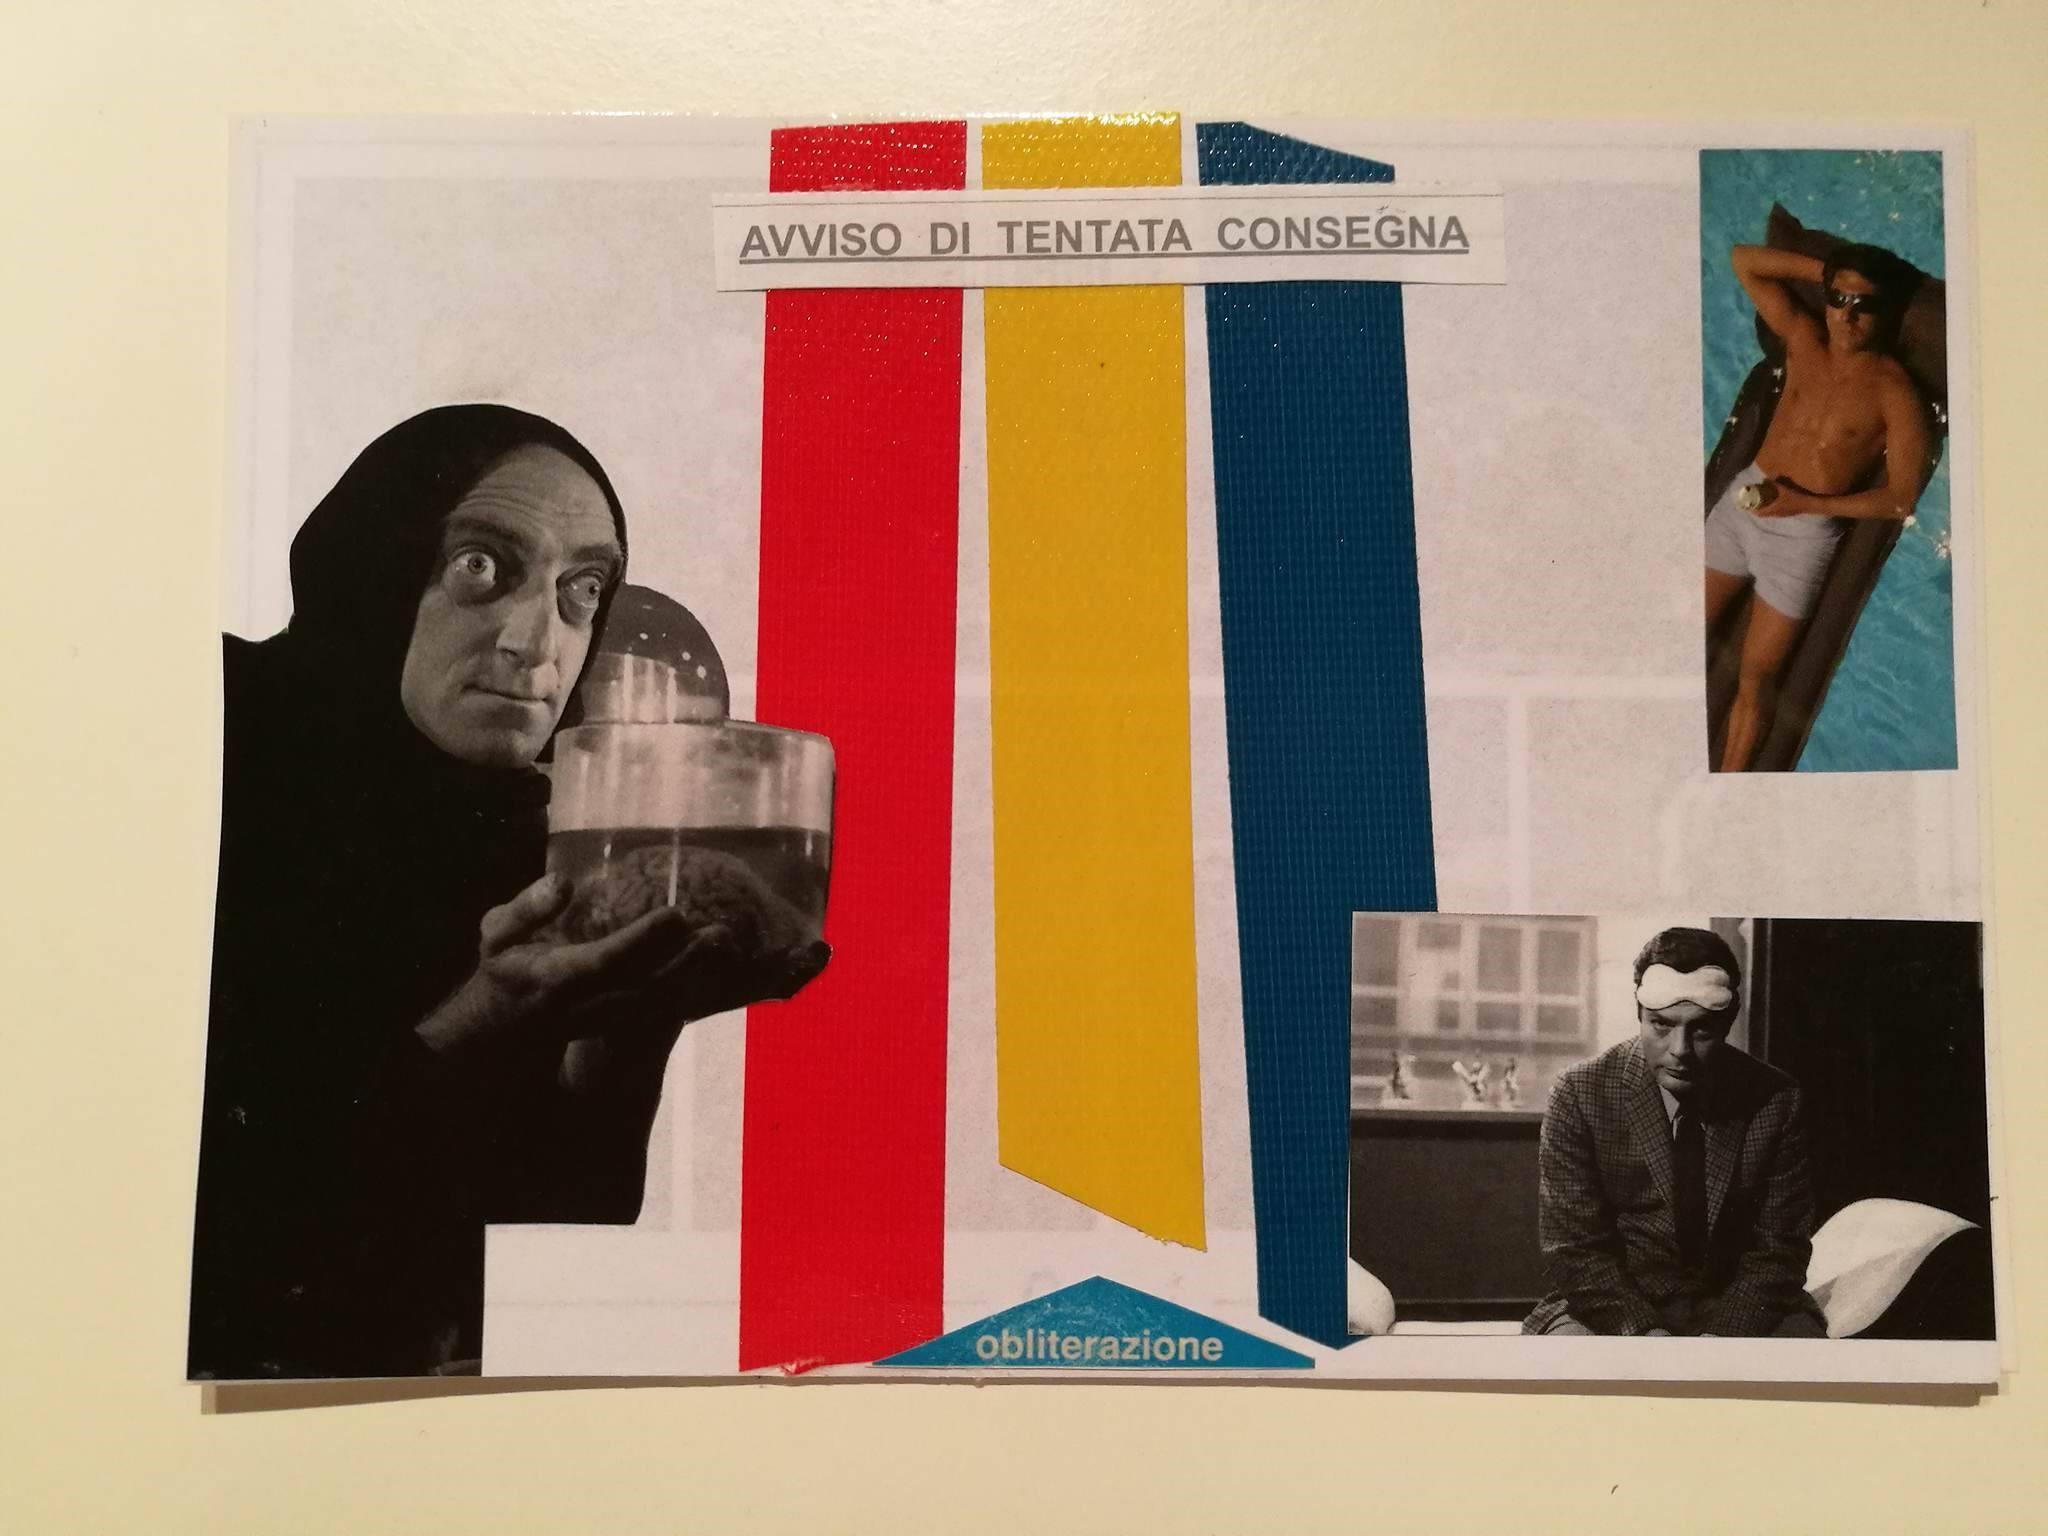 Cartolina 3 lato A